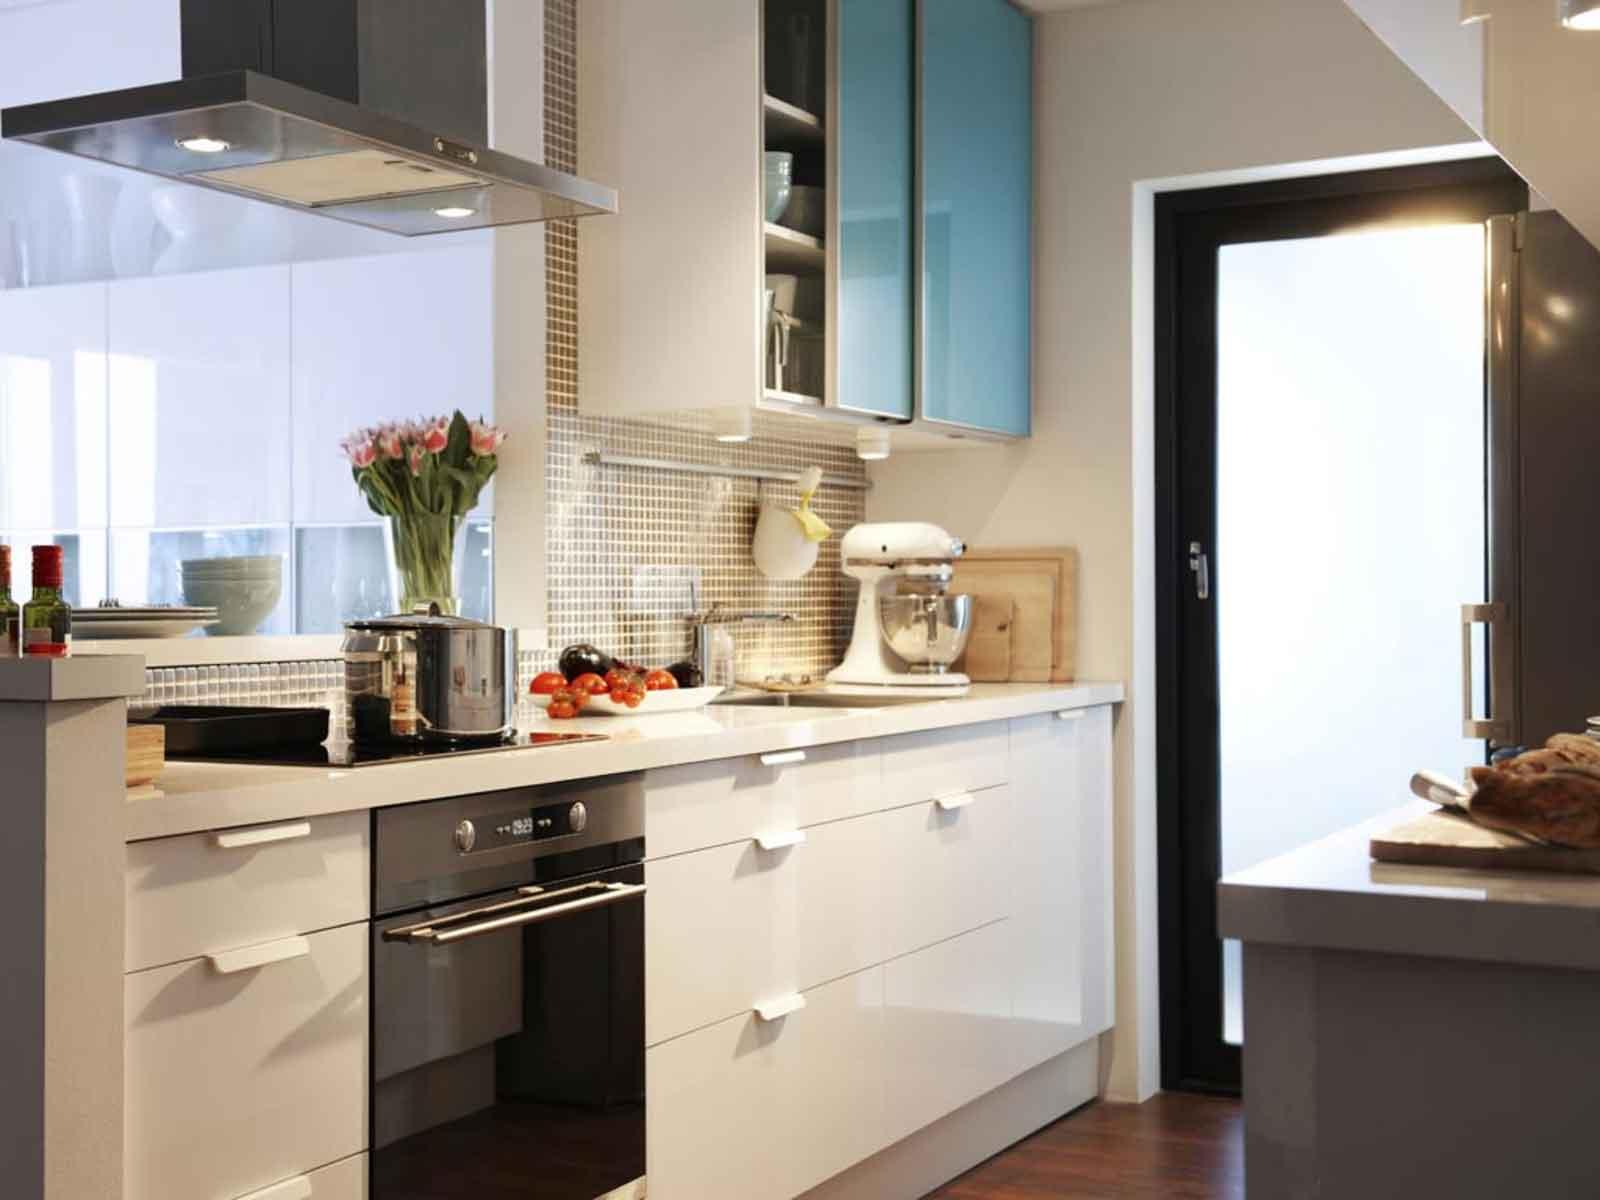 Kitchen Parallel ZIYKO - Small parallel kitchen design